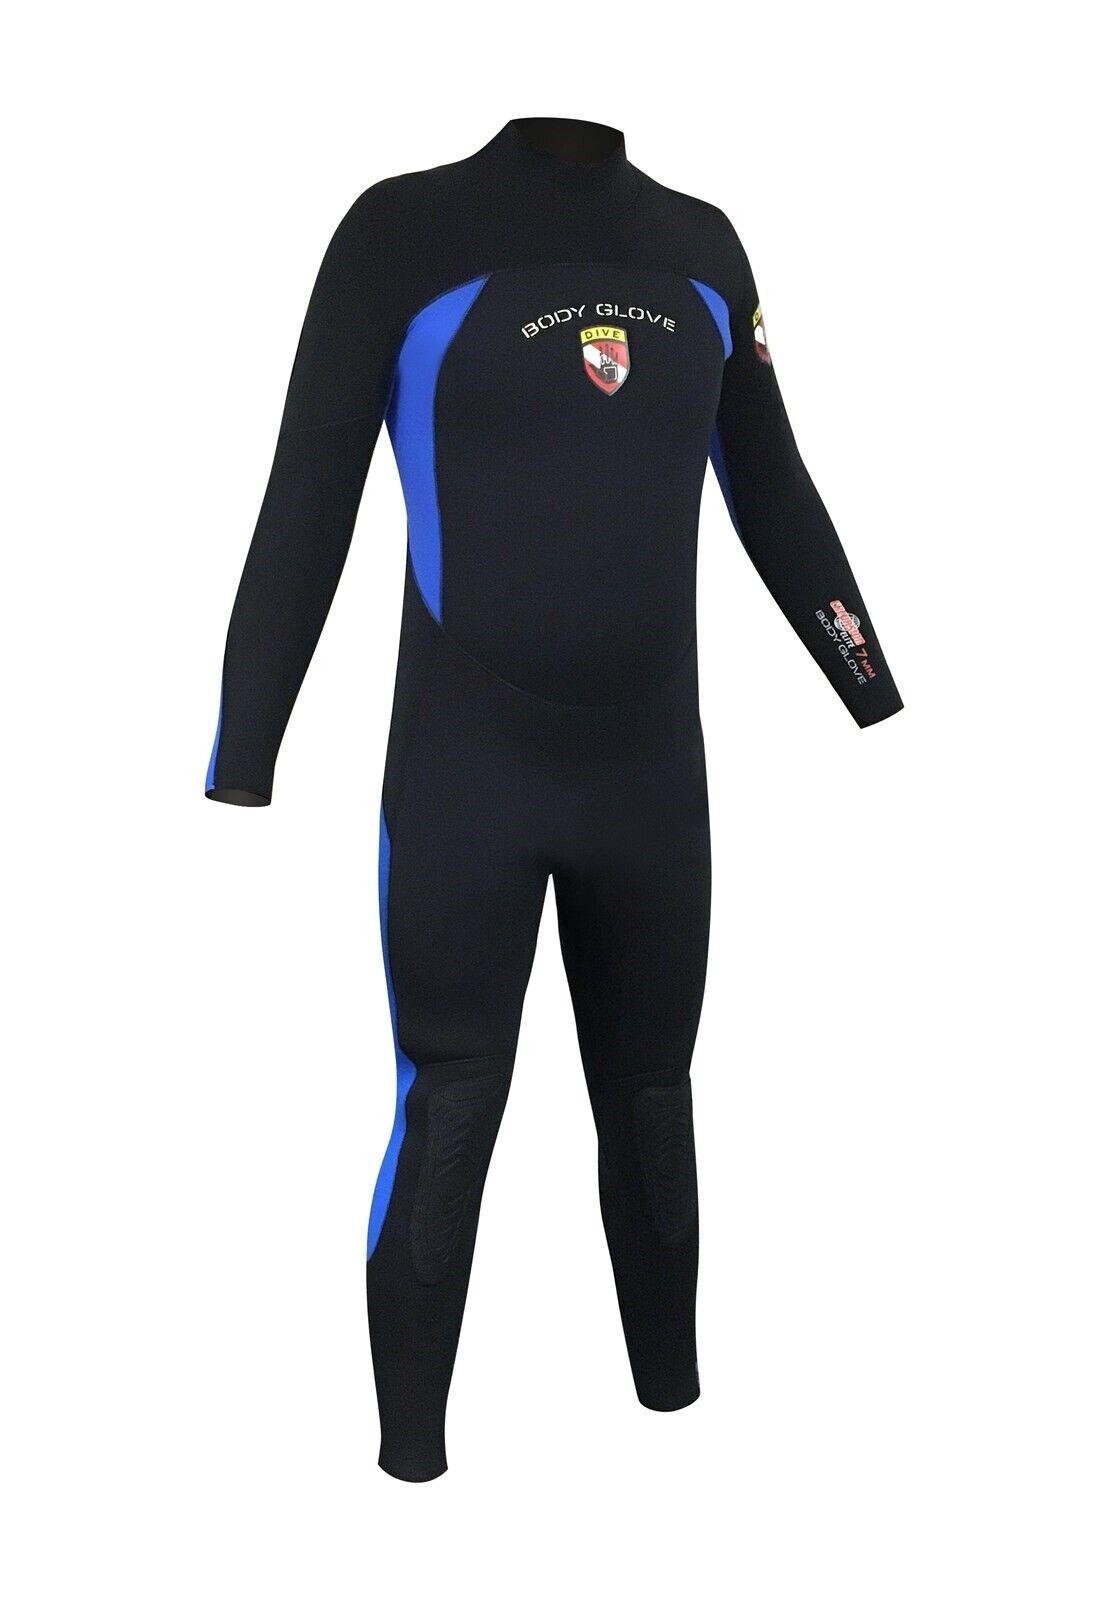 7mm Body Glove Excursion Elite Wetsuit Scuba Diving Dive Sui